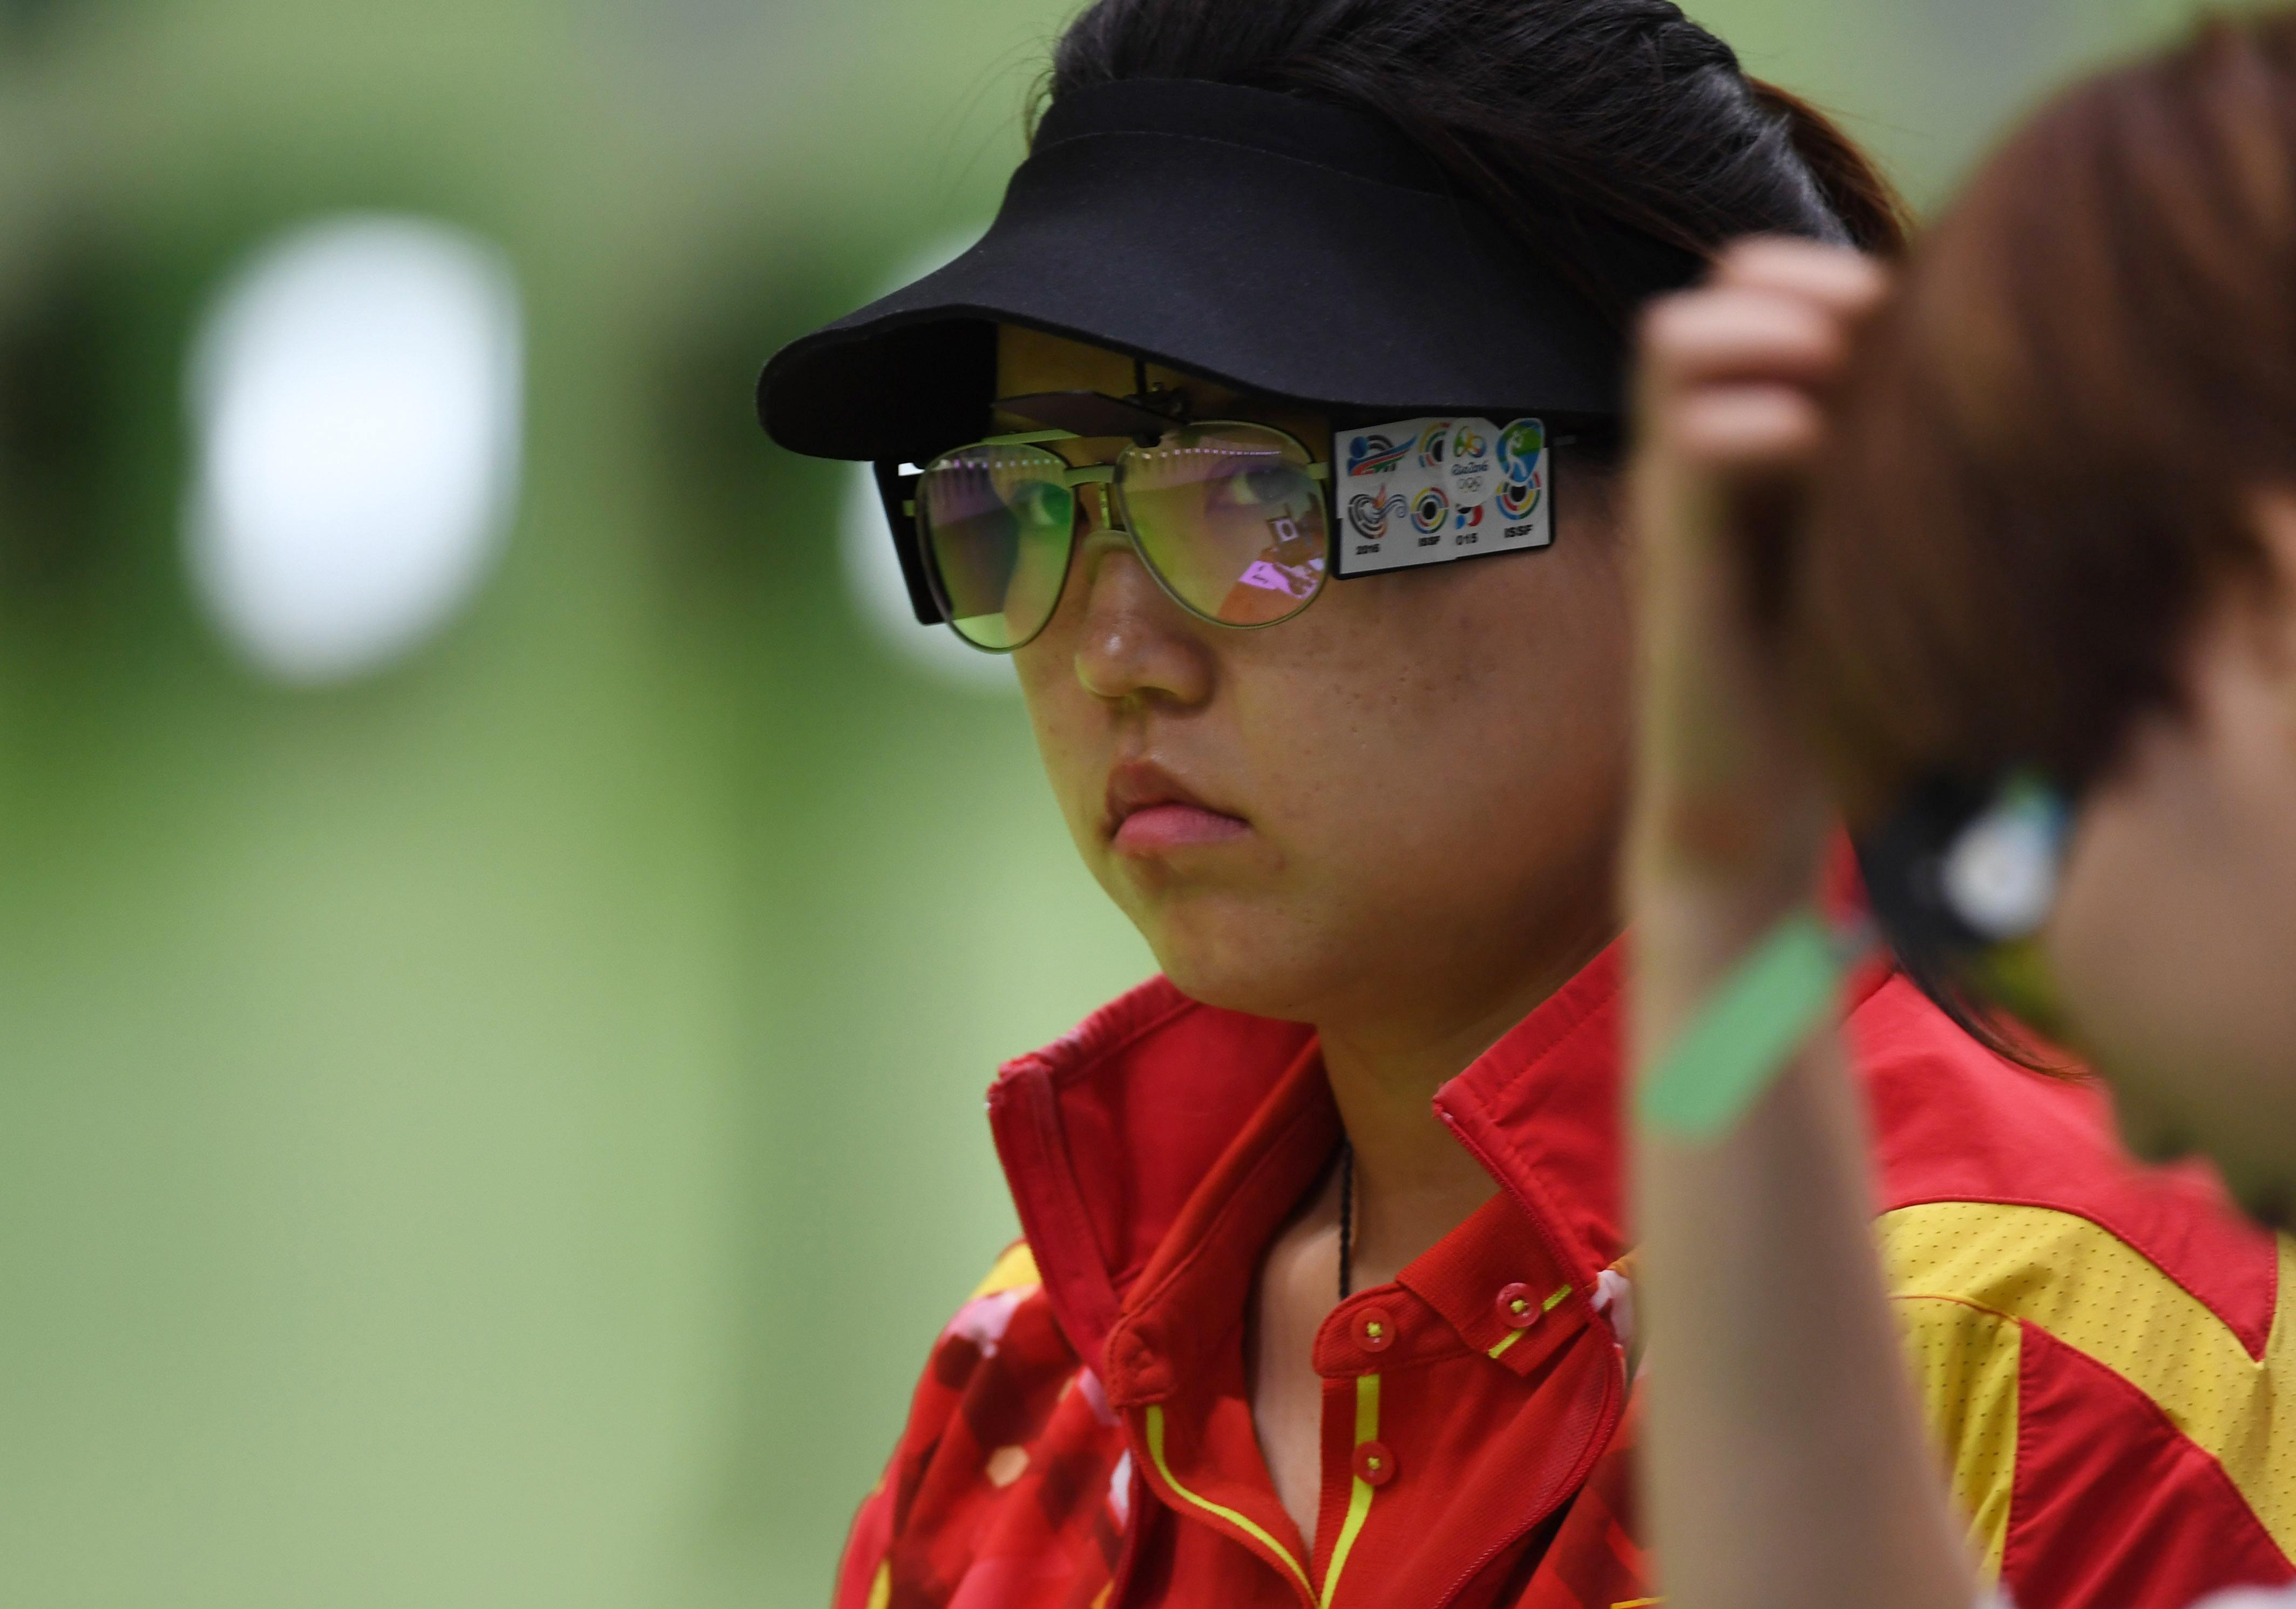 张梦雪在2016年里约奥运会射击女子10米气手枪决赛中。新华社记者韩瑜庆摄